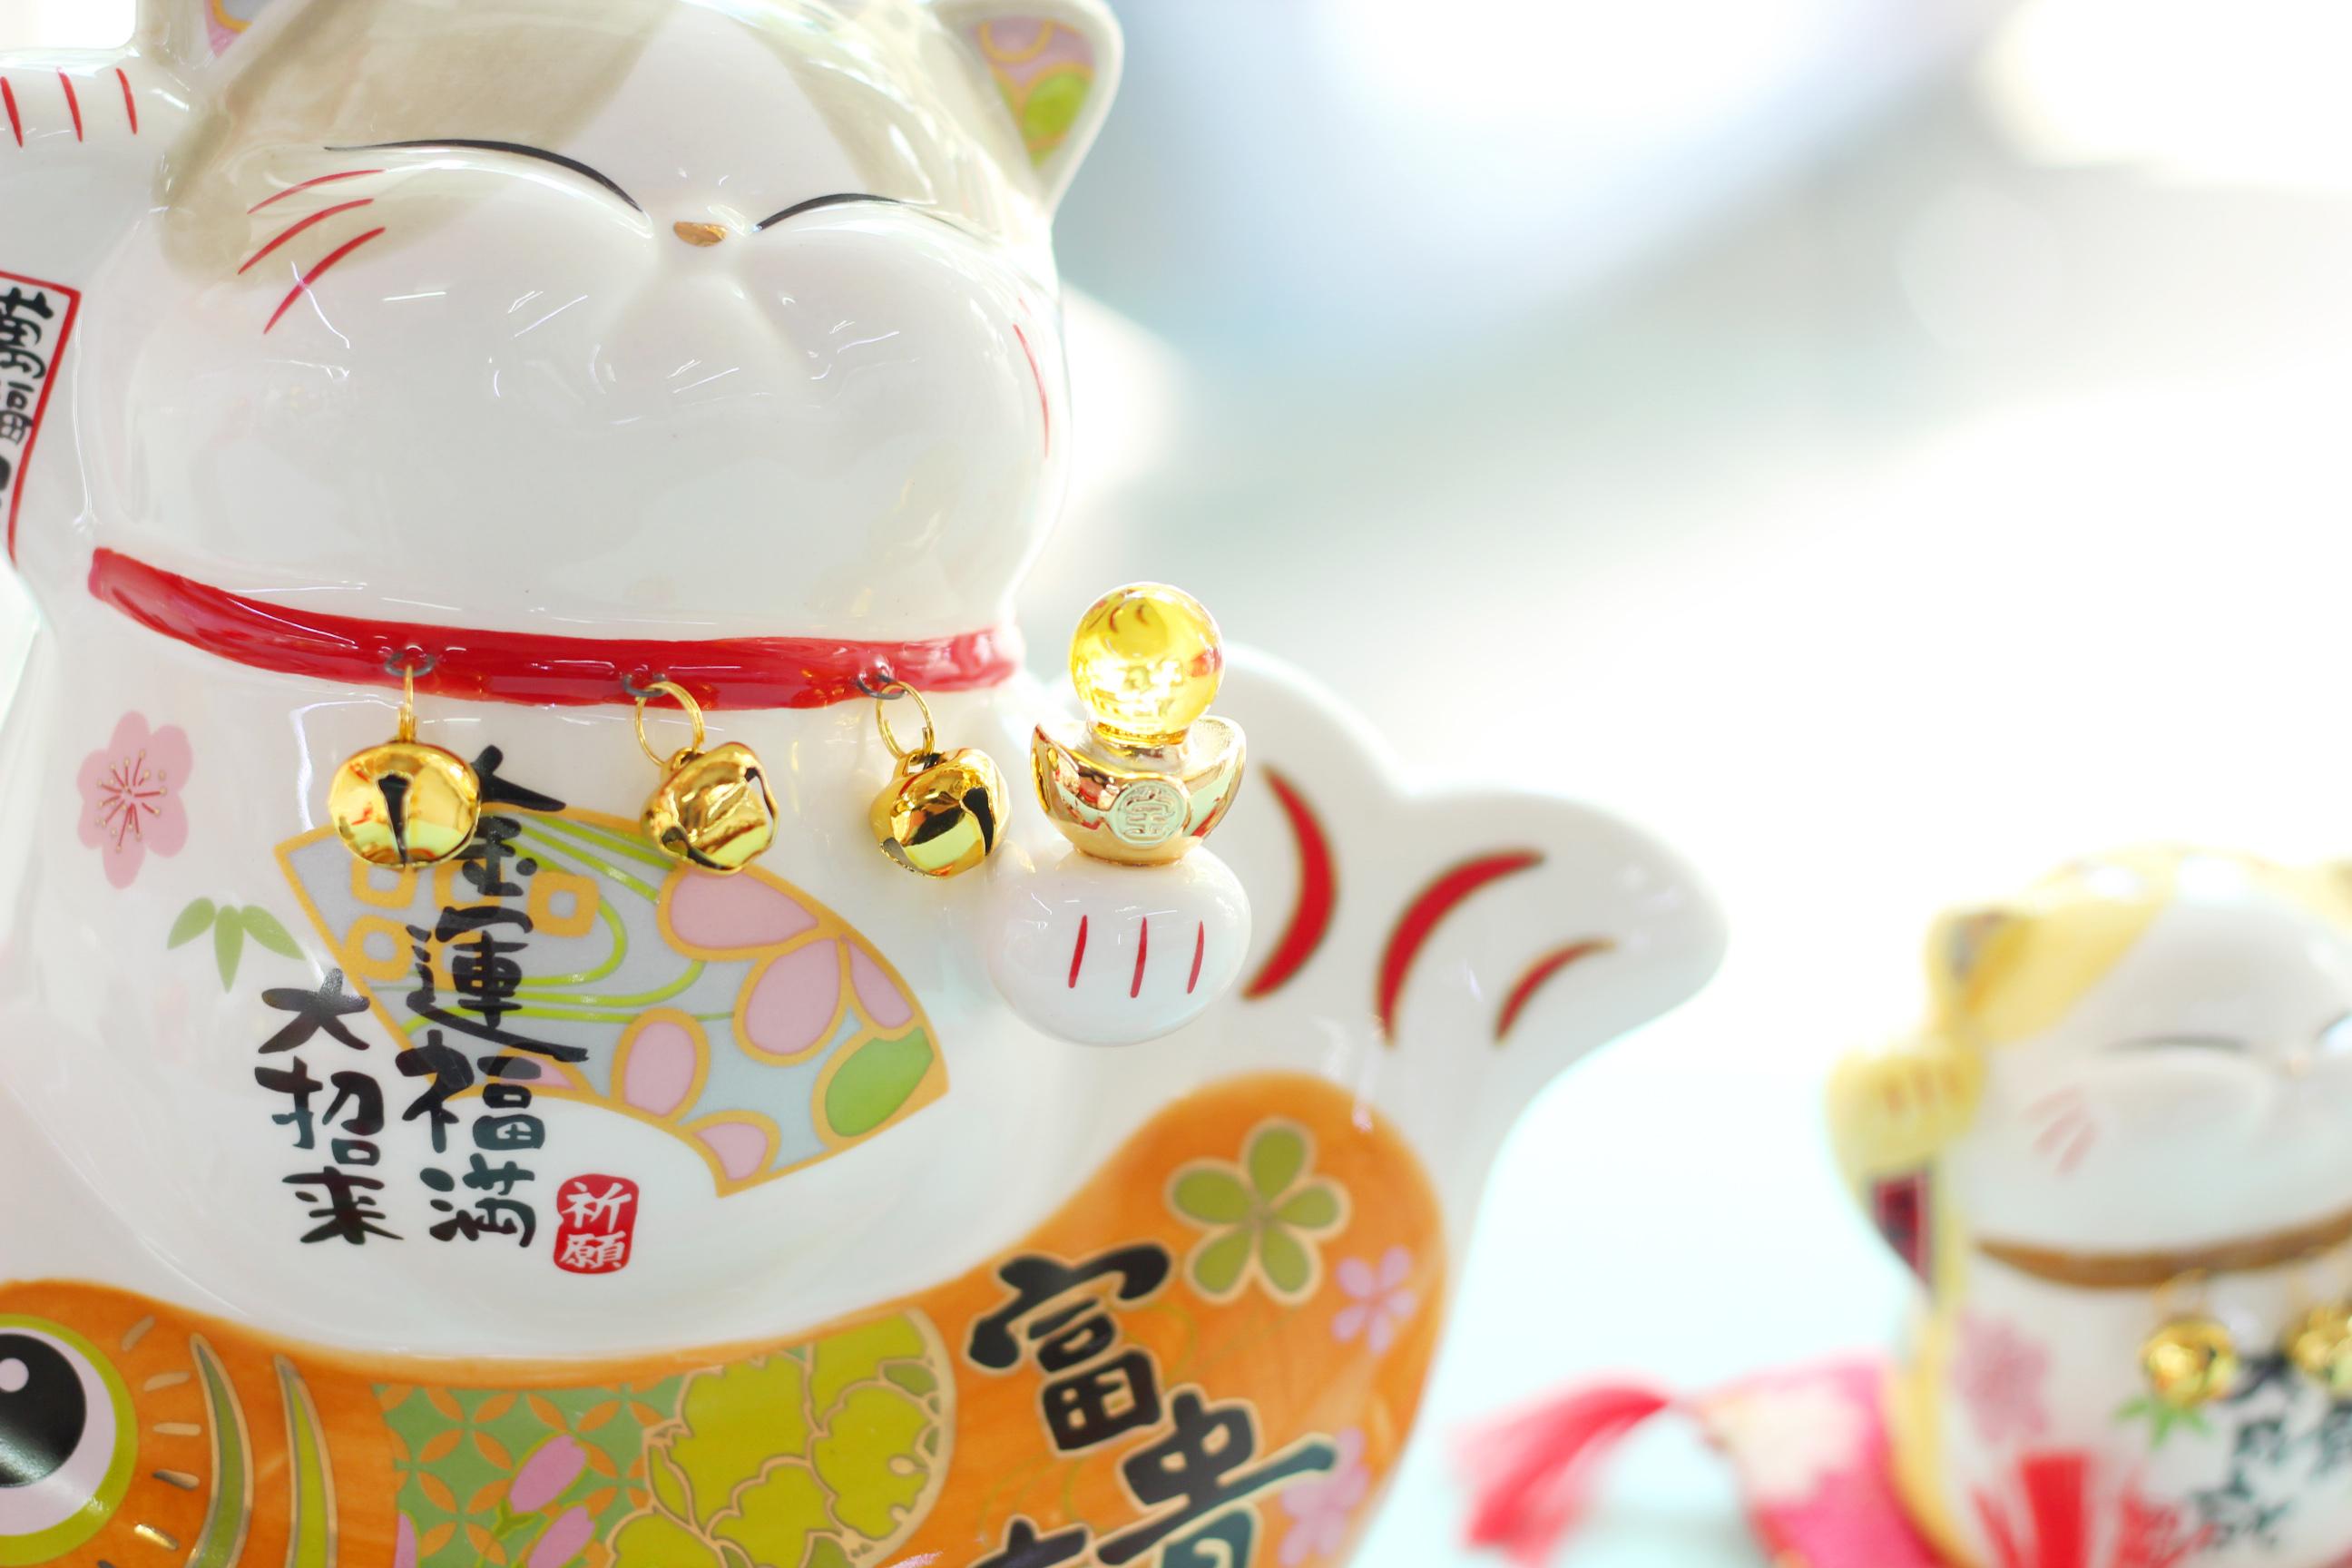 """Mèo Thần tài Jinshi 3 Chuông ngồi Cá Chép 22cm """"Phú Quý Hữu Dư"""" (có video sản phẩm)"""